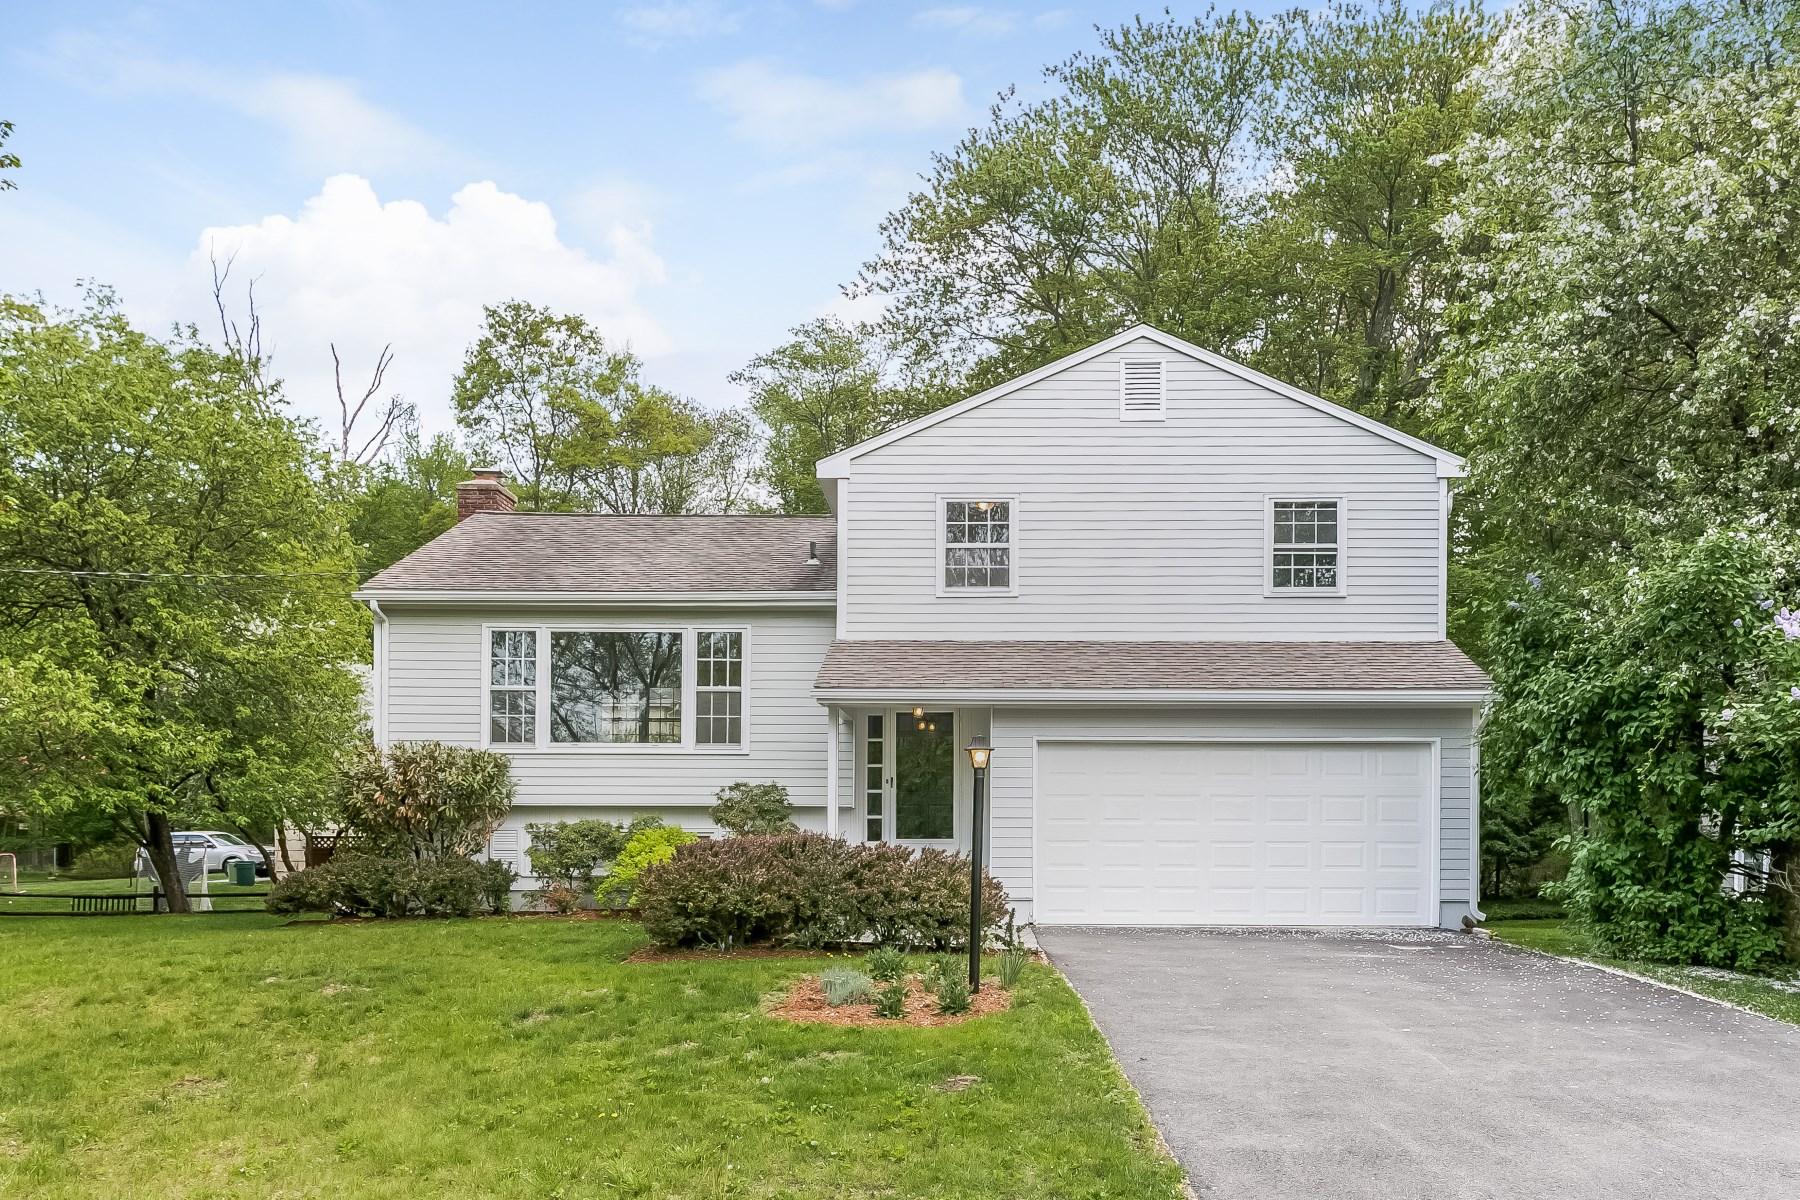 Maison unifamiliale pour l Vente à North Mianus School - Cul-De-Sac 4 Birdsong Place Riverside, Connecticut 06878 États-Unis